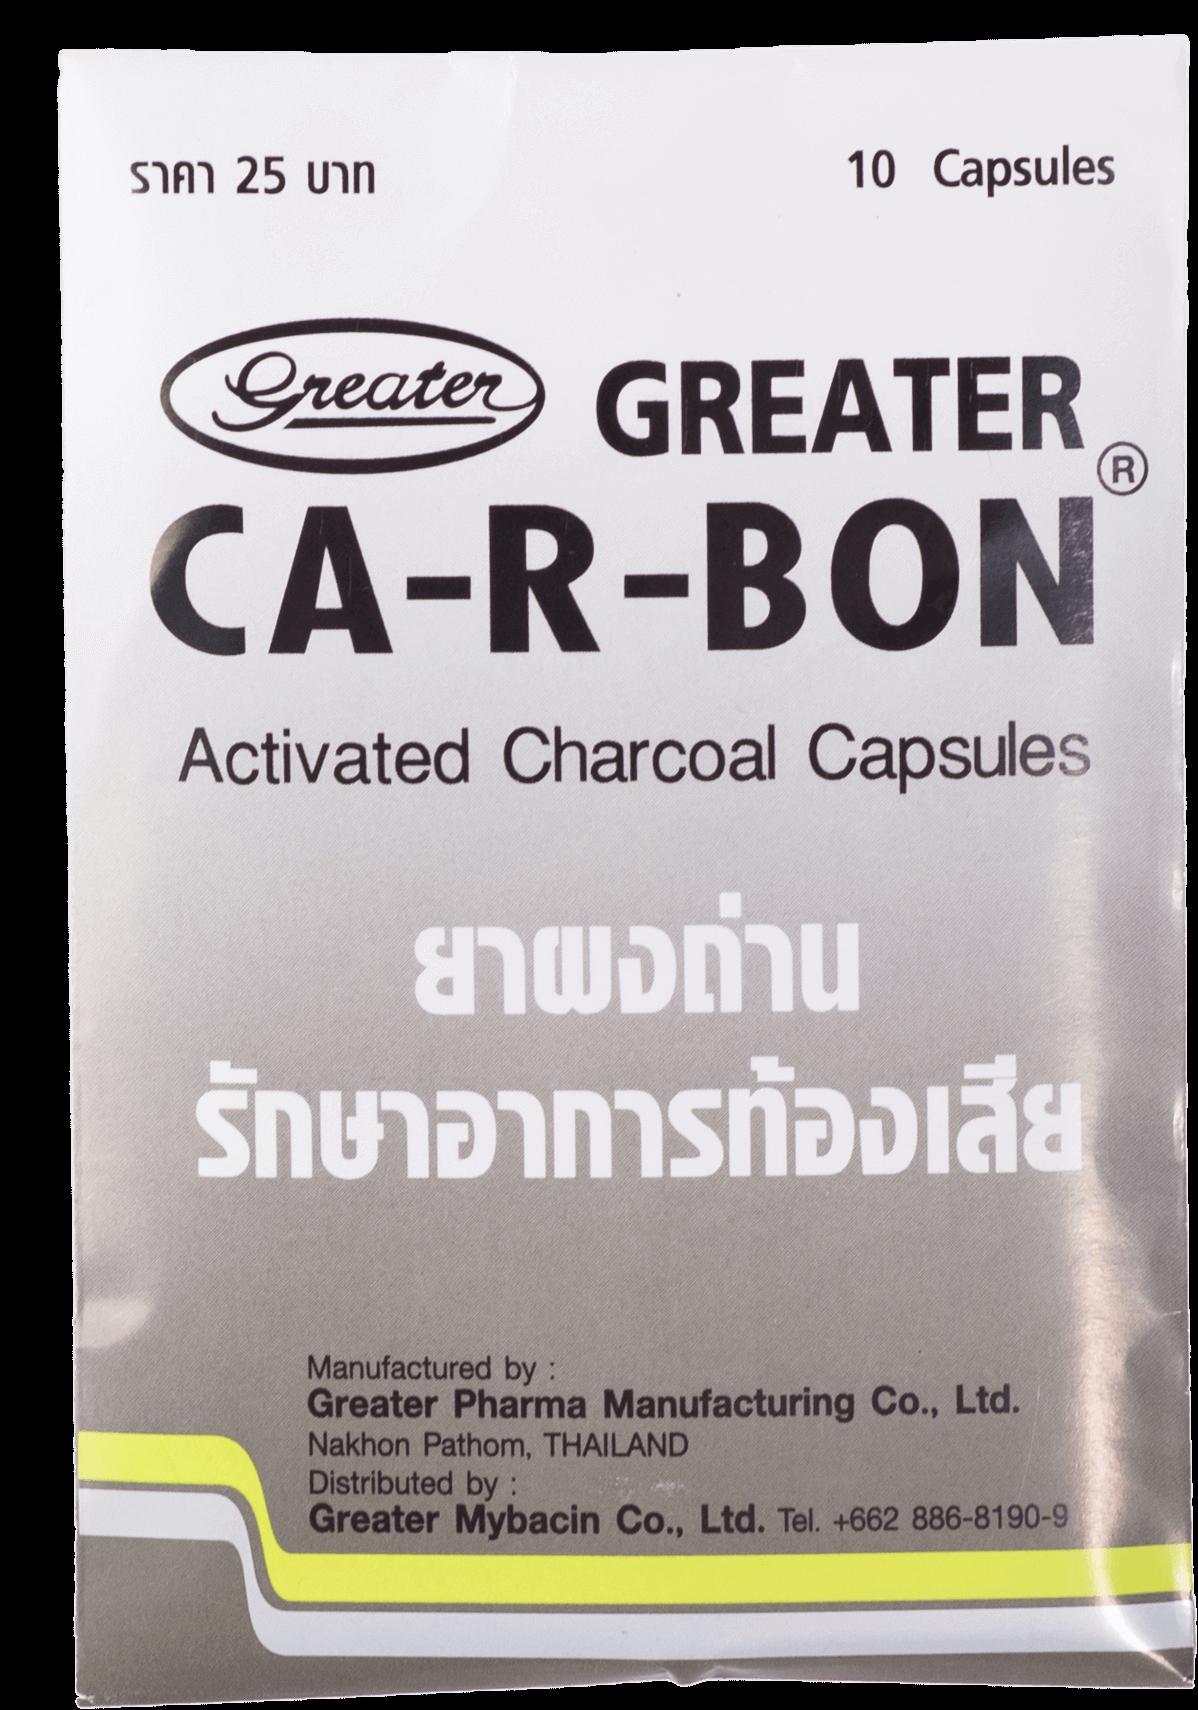 ยารักษาอาการท้องร่วง คาอาบอน Car-r-bon